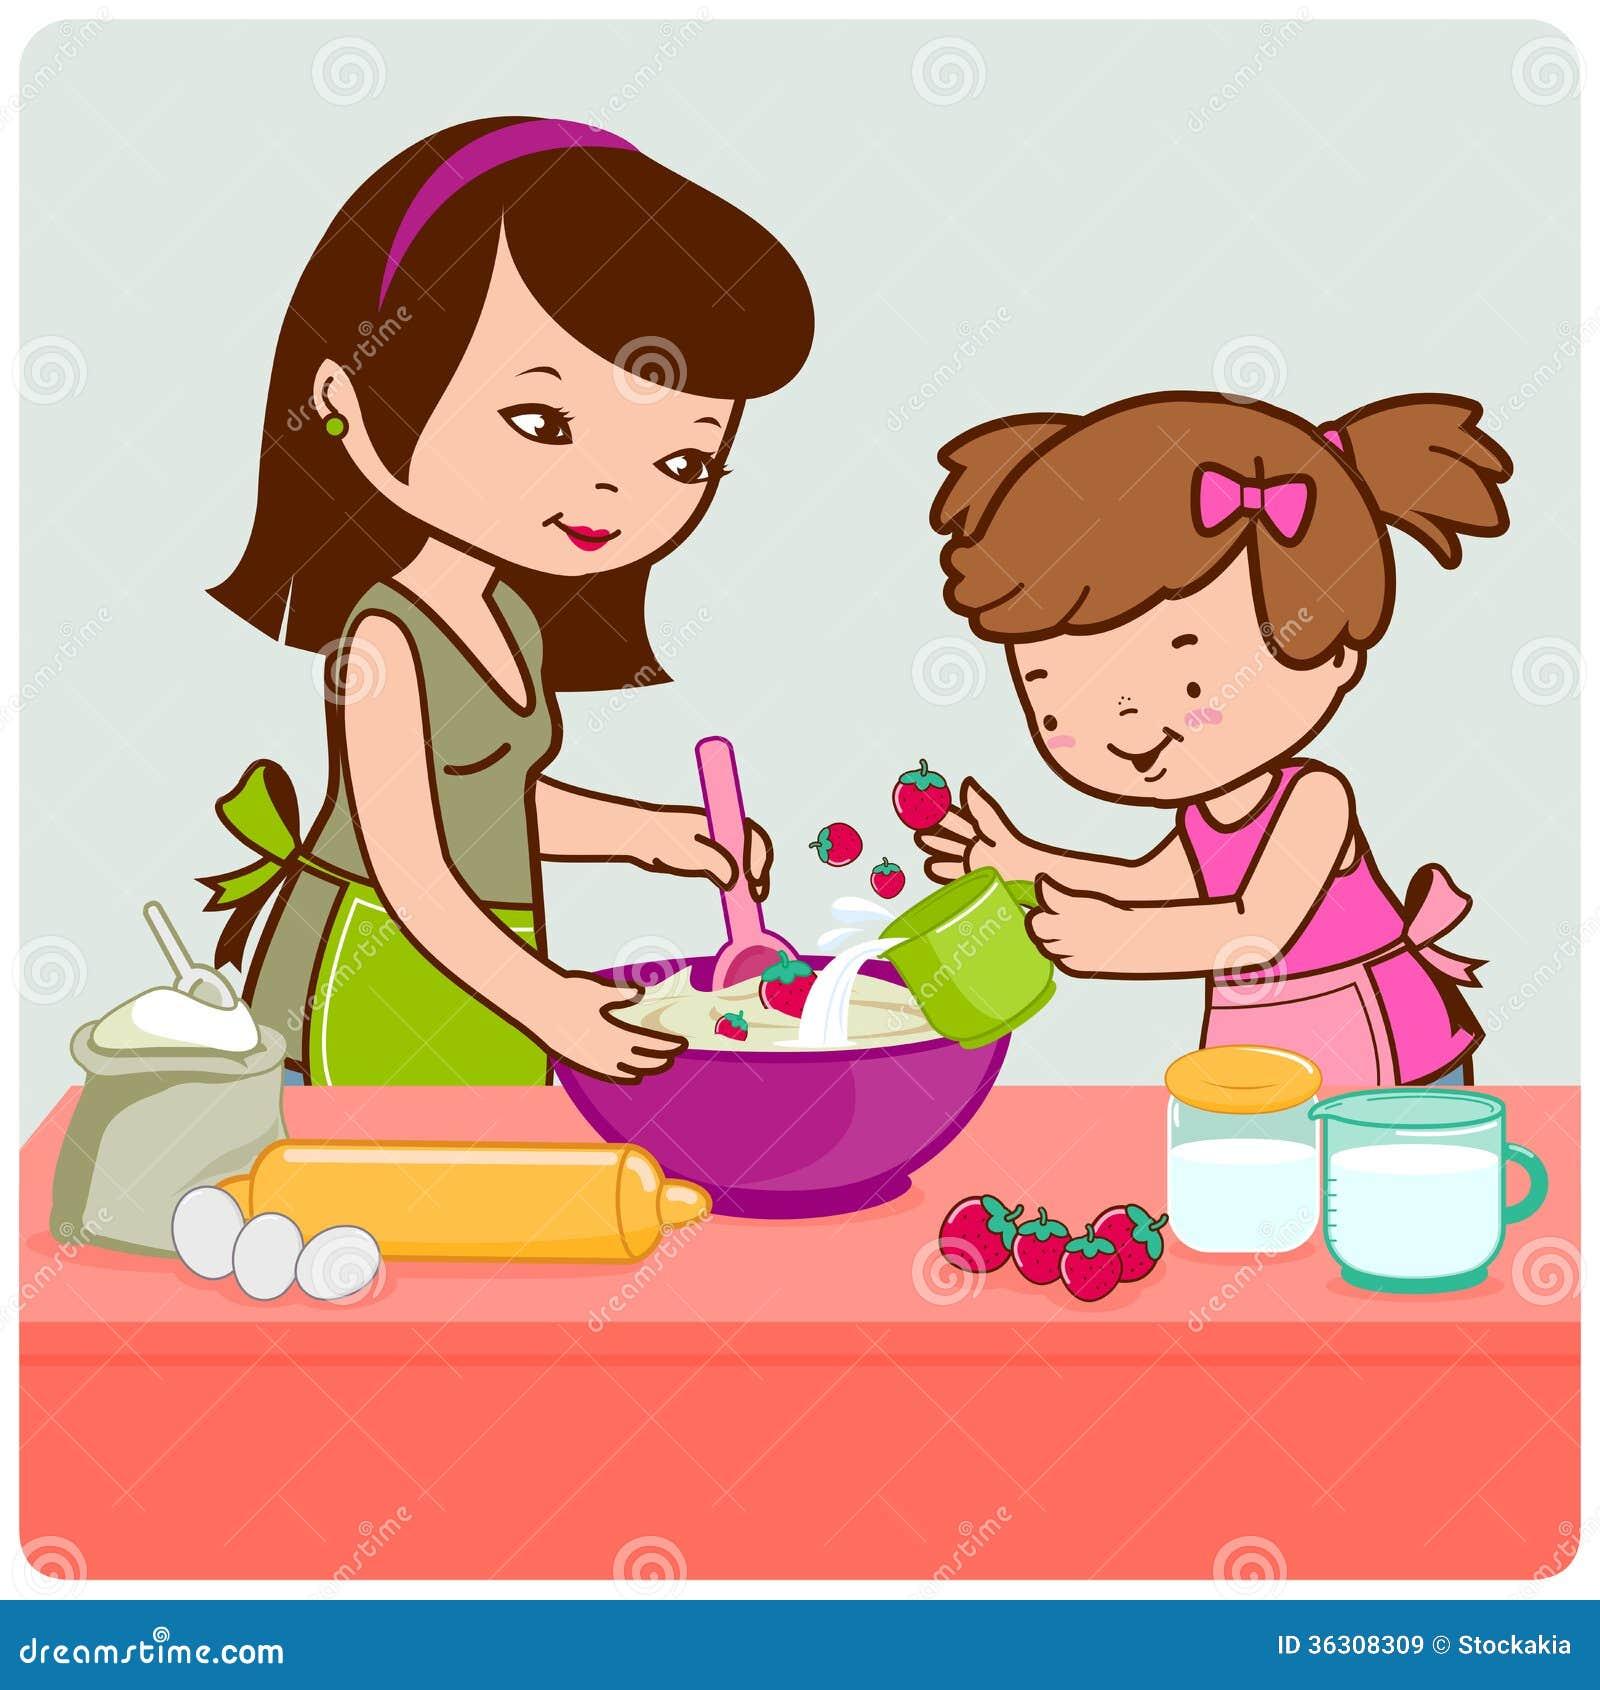 M re et fille faisant cuire dans la cuisine illustration - Couple faisant l amour dans la cuisine ...